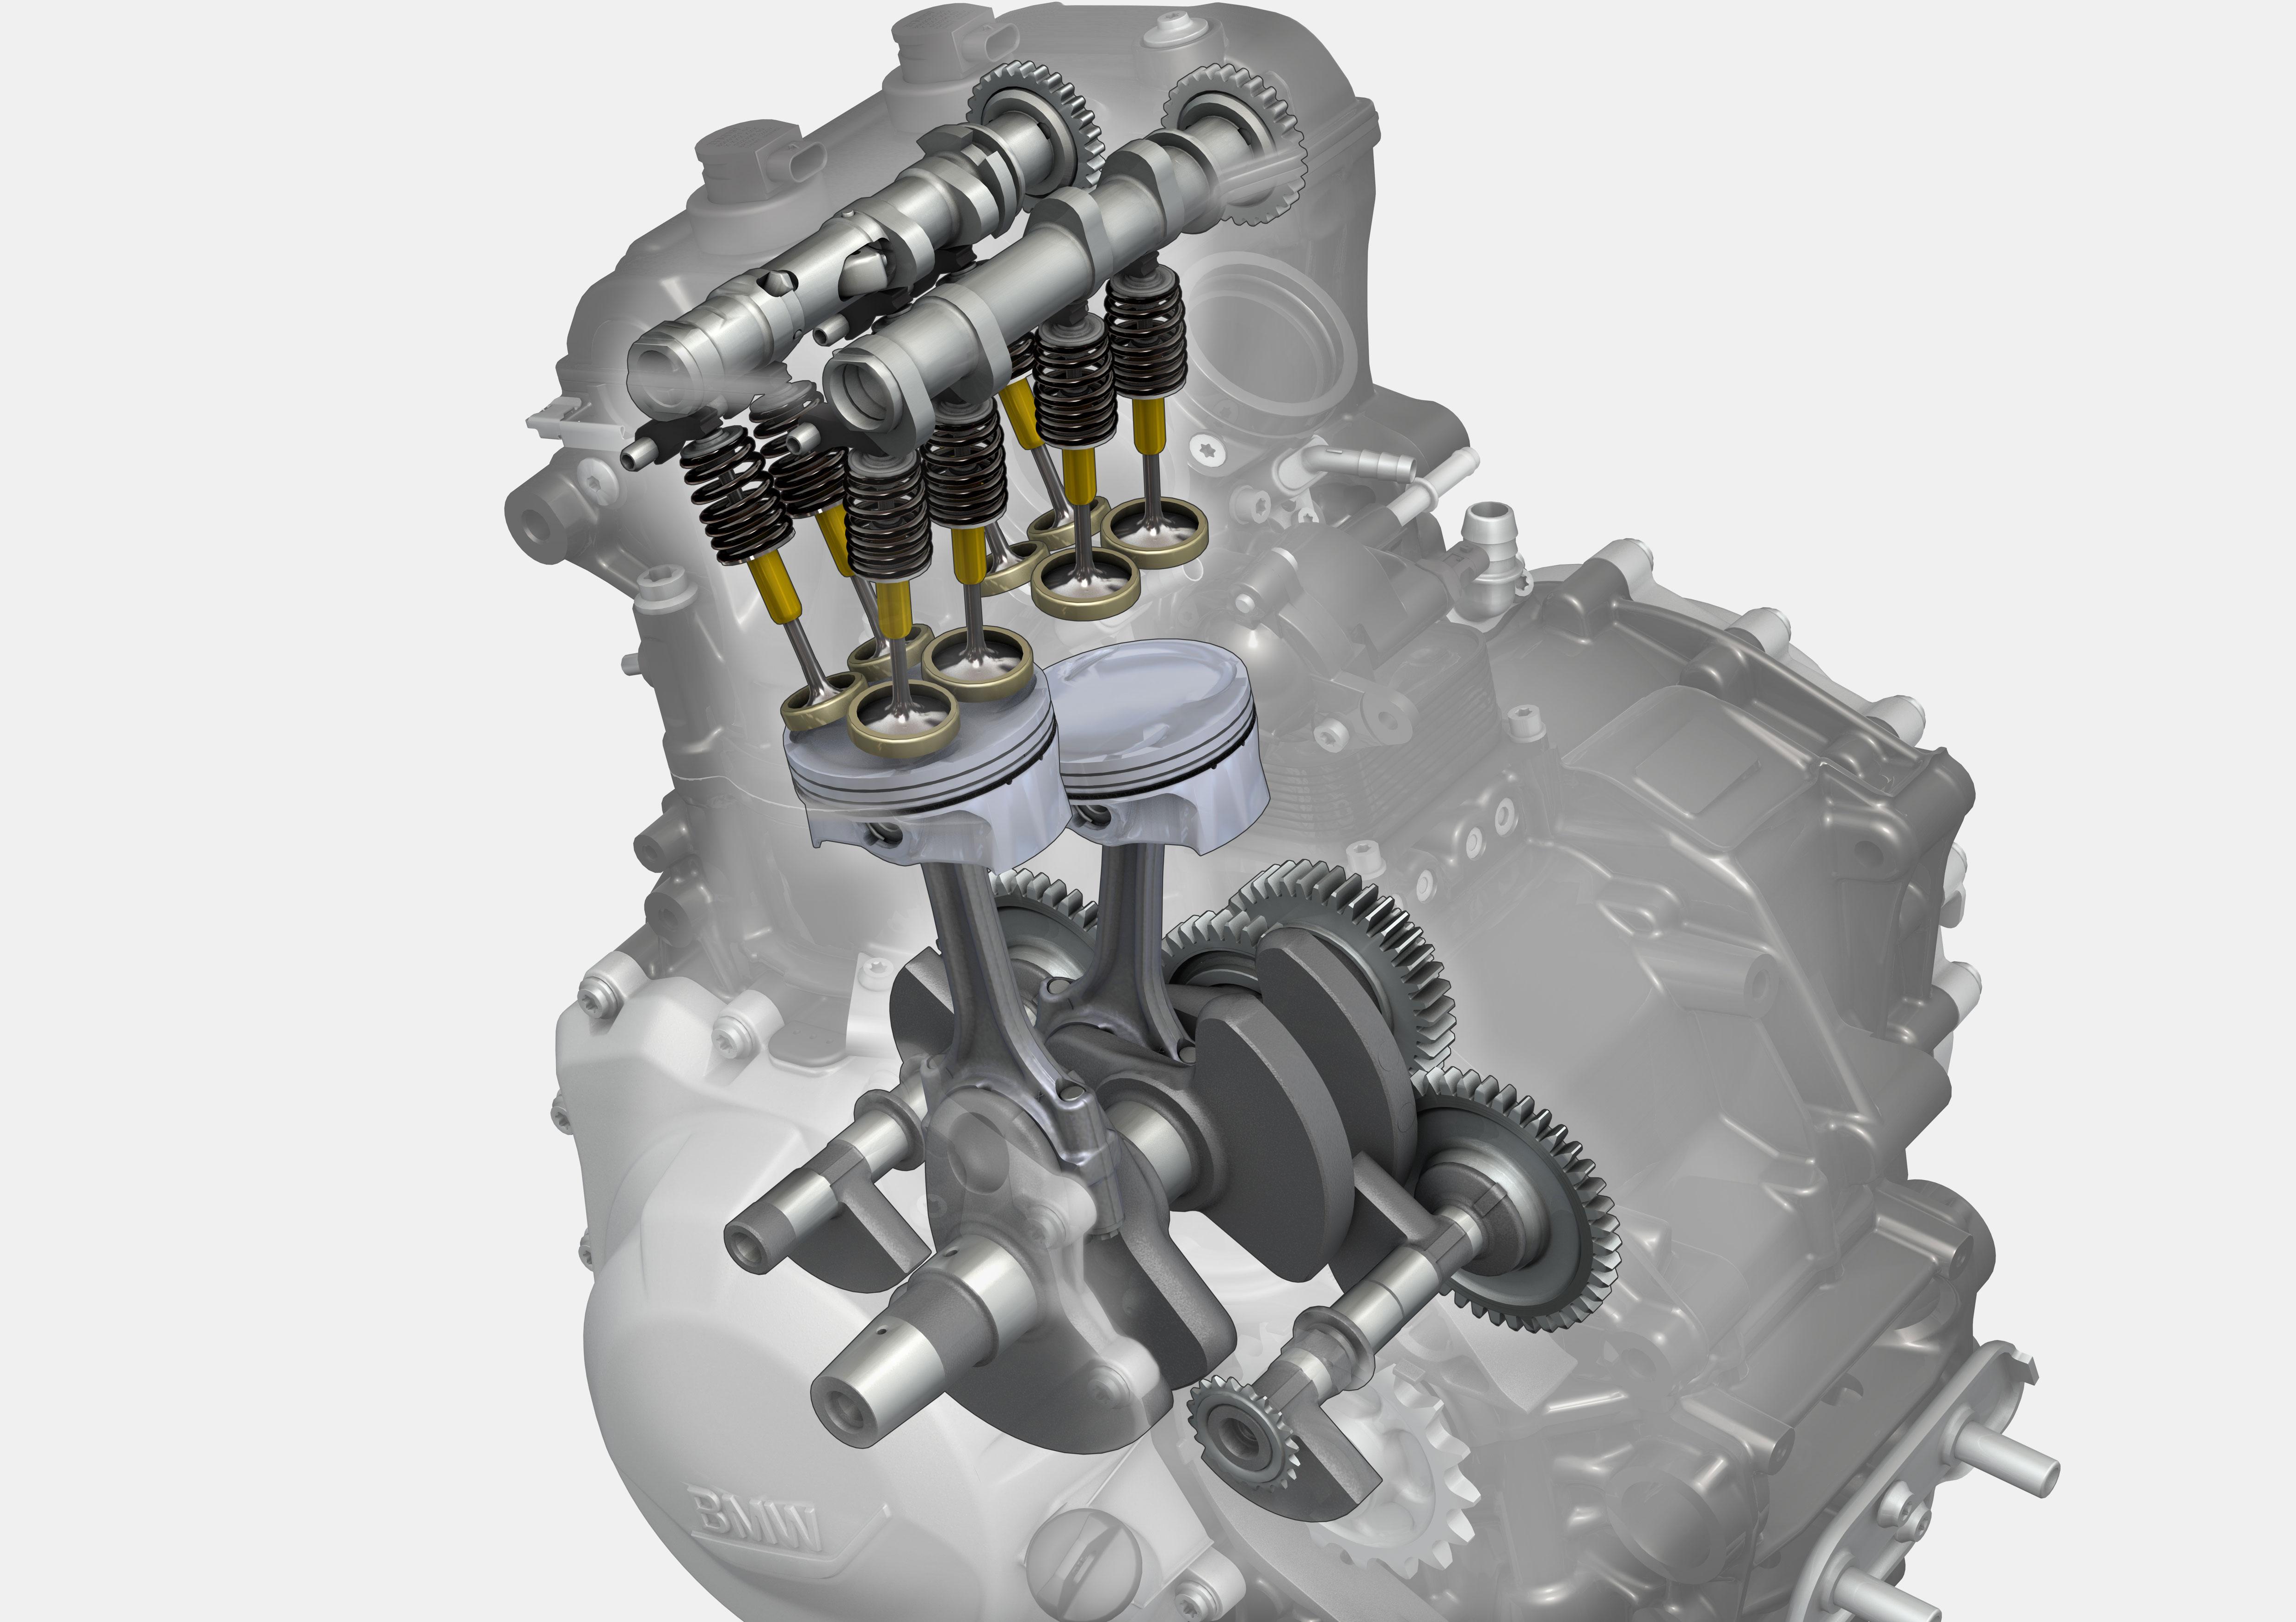 BMW-F-850-GS-agregat